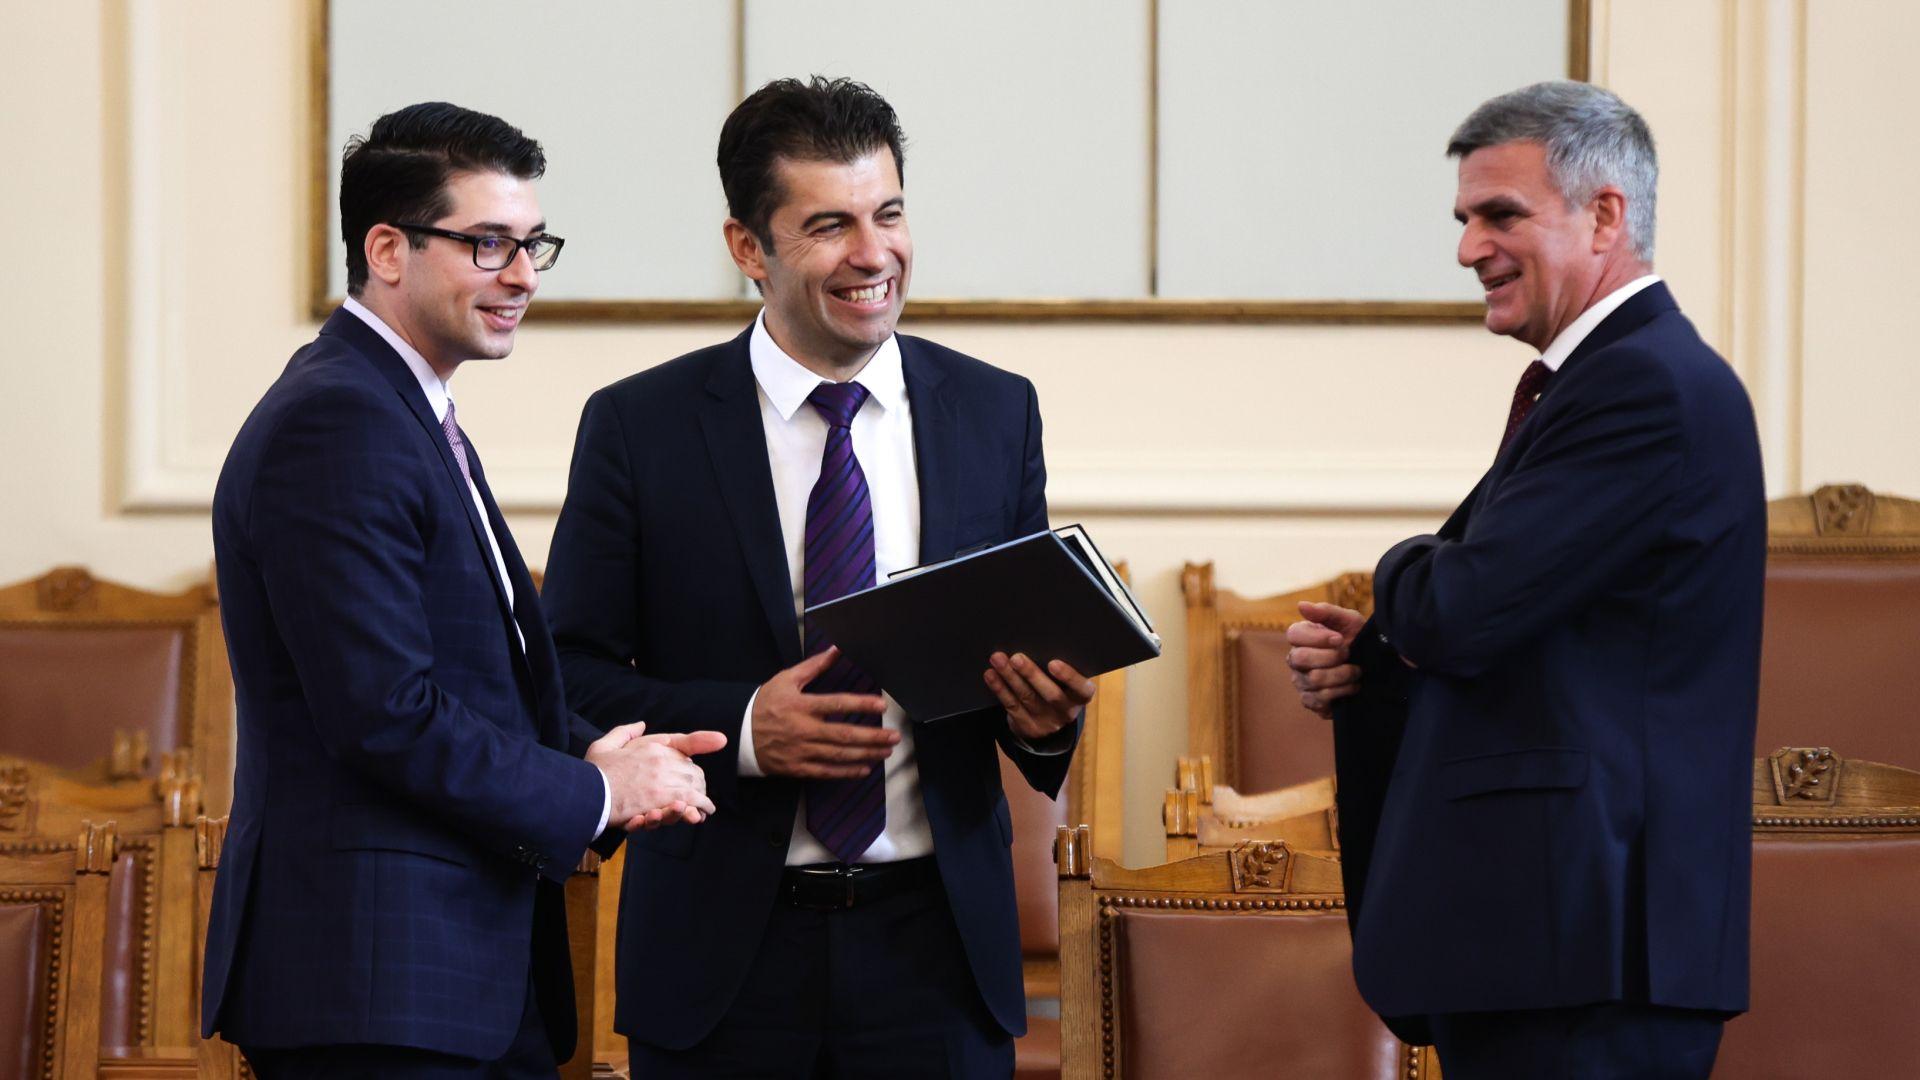 Време за промени няма, служебният кабинет вкарва възстановителния план в Еврокомисията